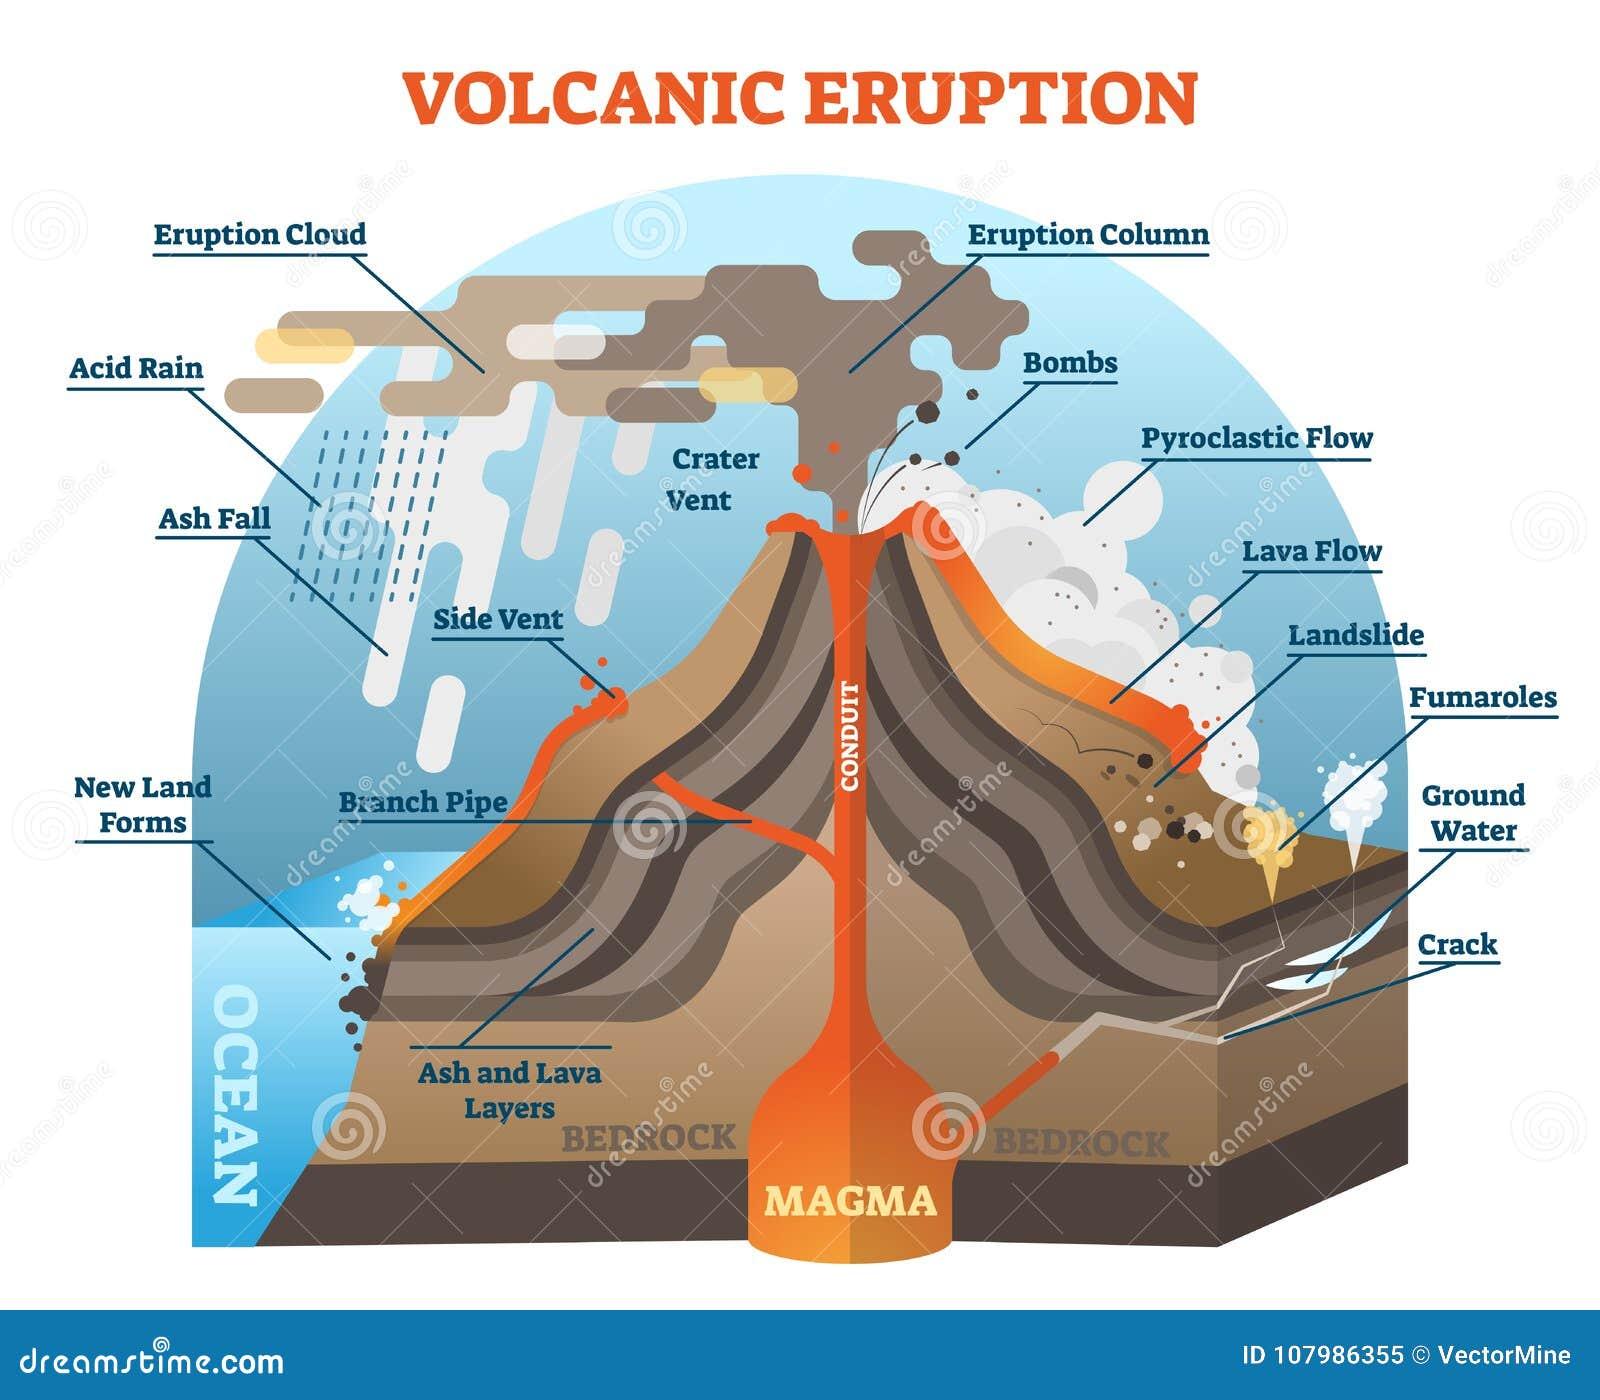 Volcanic Eruption Diagram